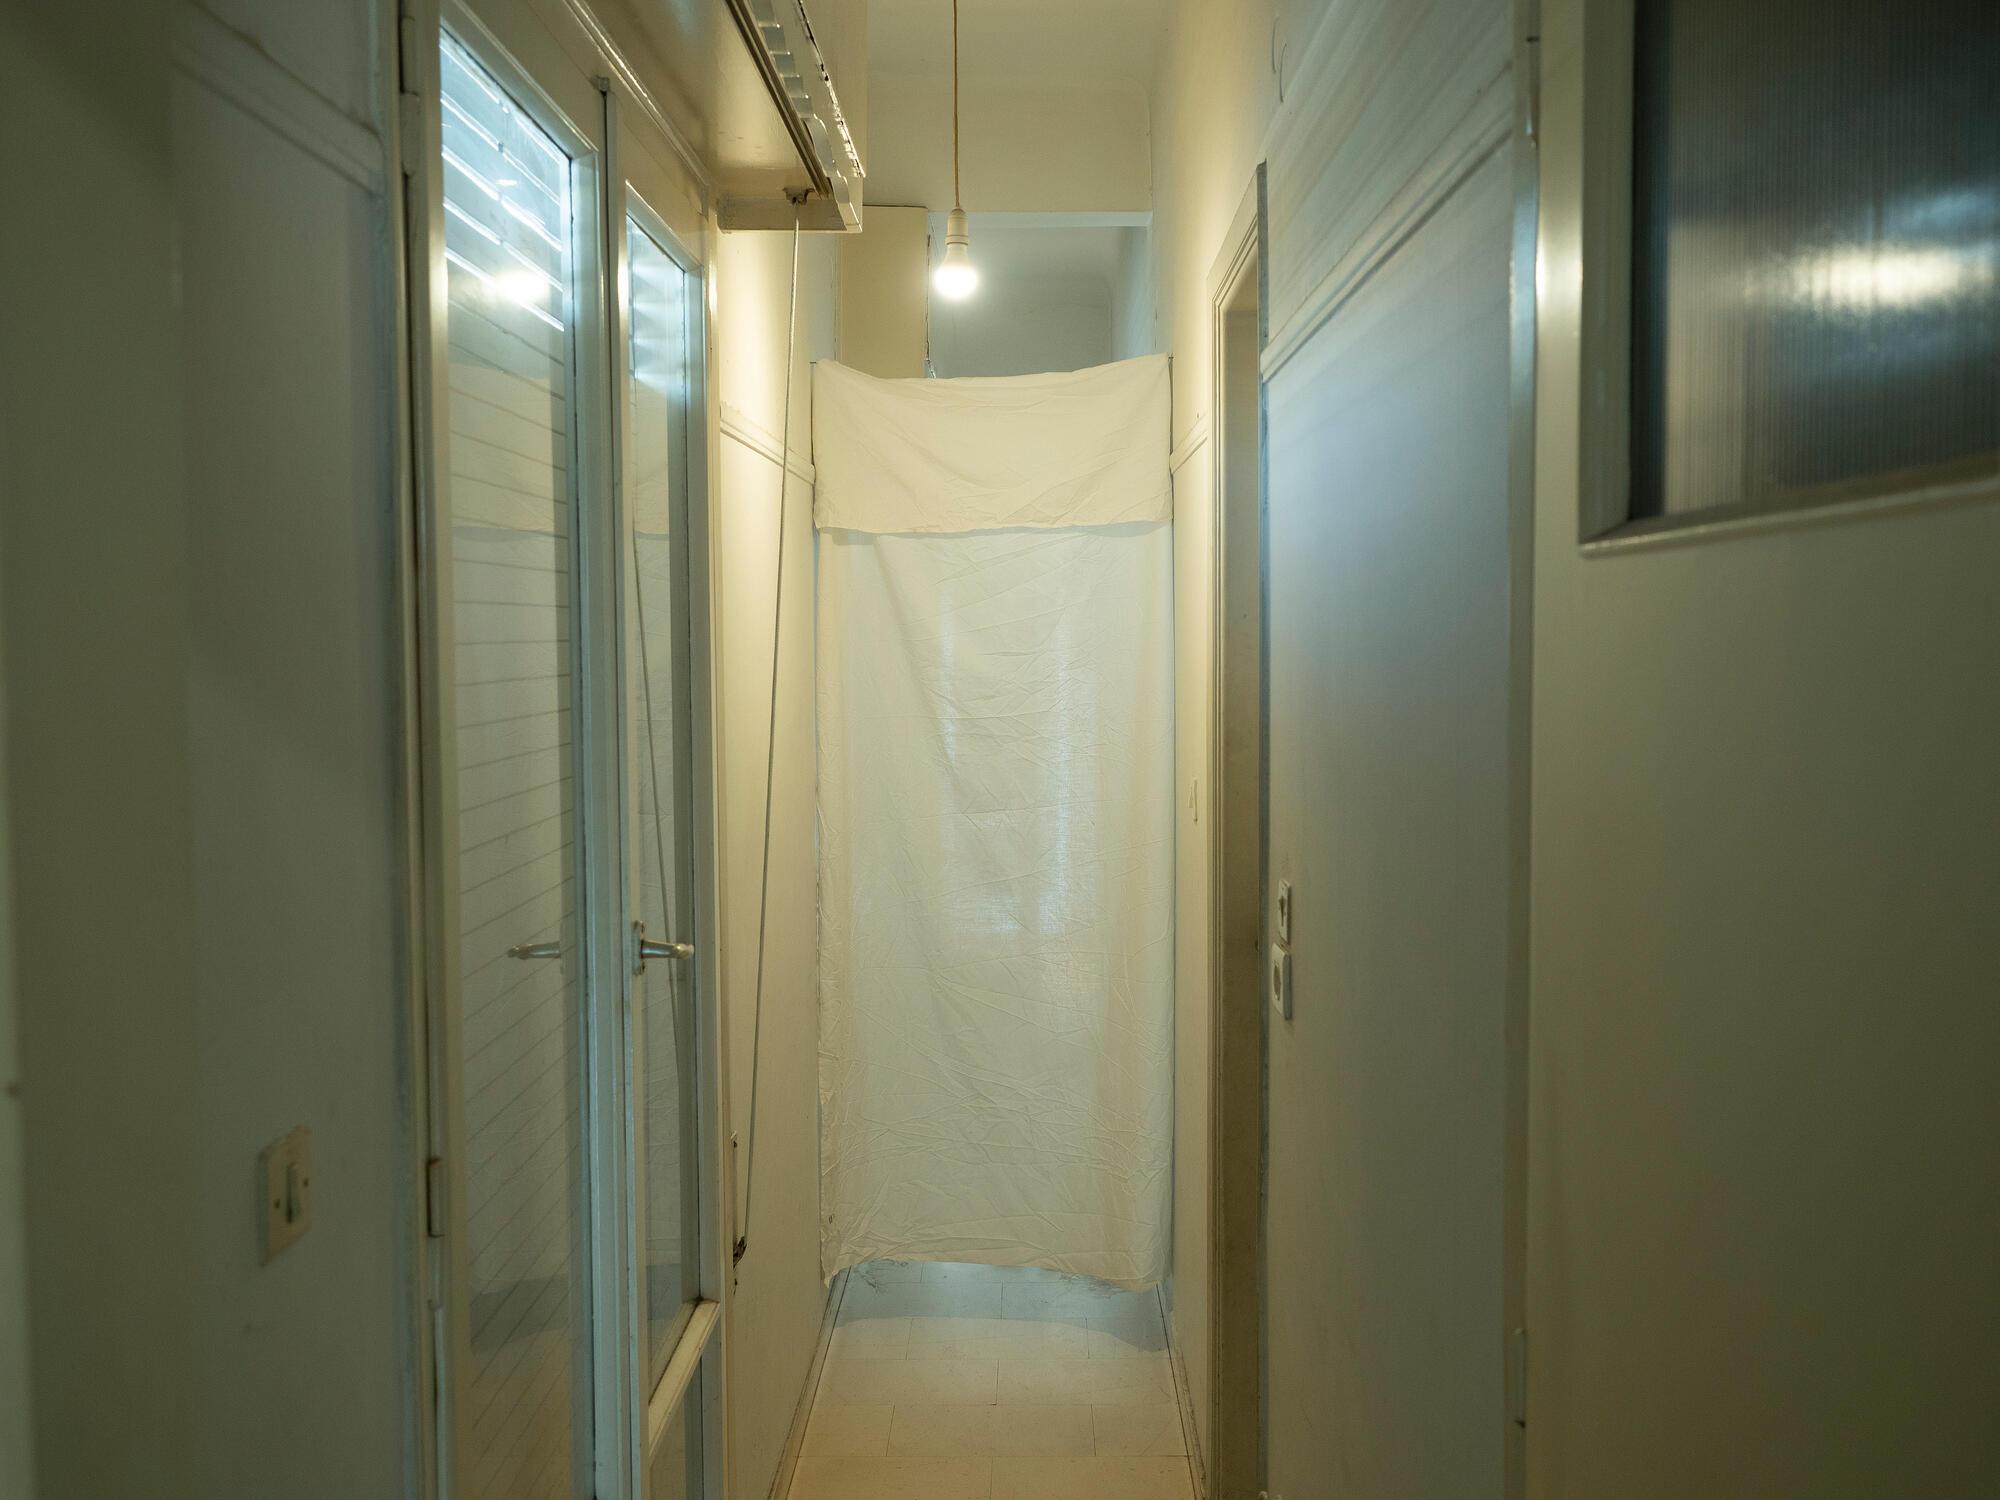 L'appartement d'Ismail à Athènes, août 2020, crédit : Enri CANAJ/MAGNUM Photos